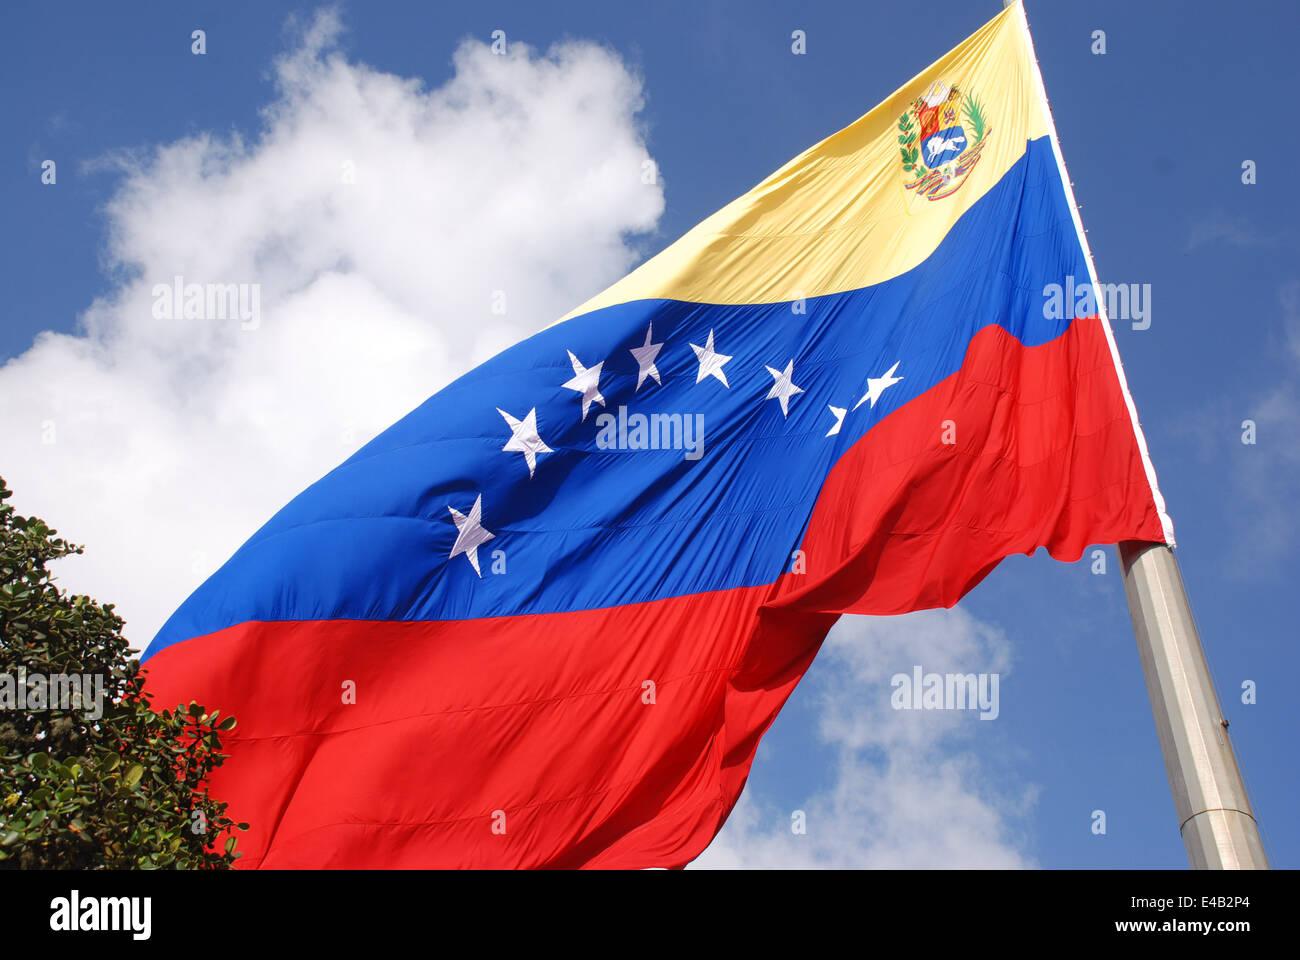 Venezuela flag. Venezuela - Stock Image